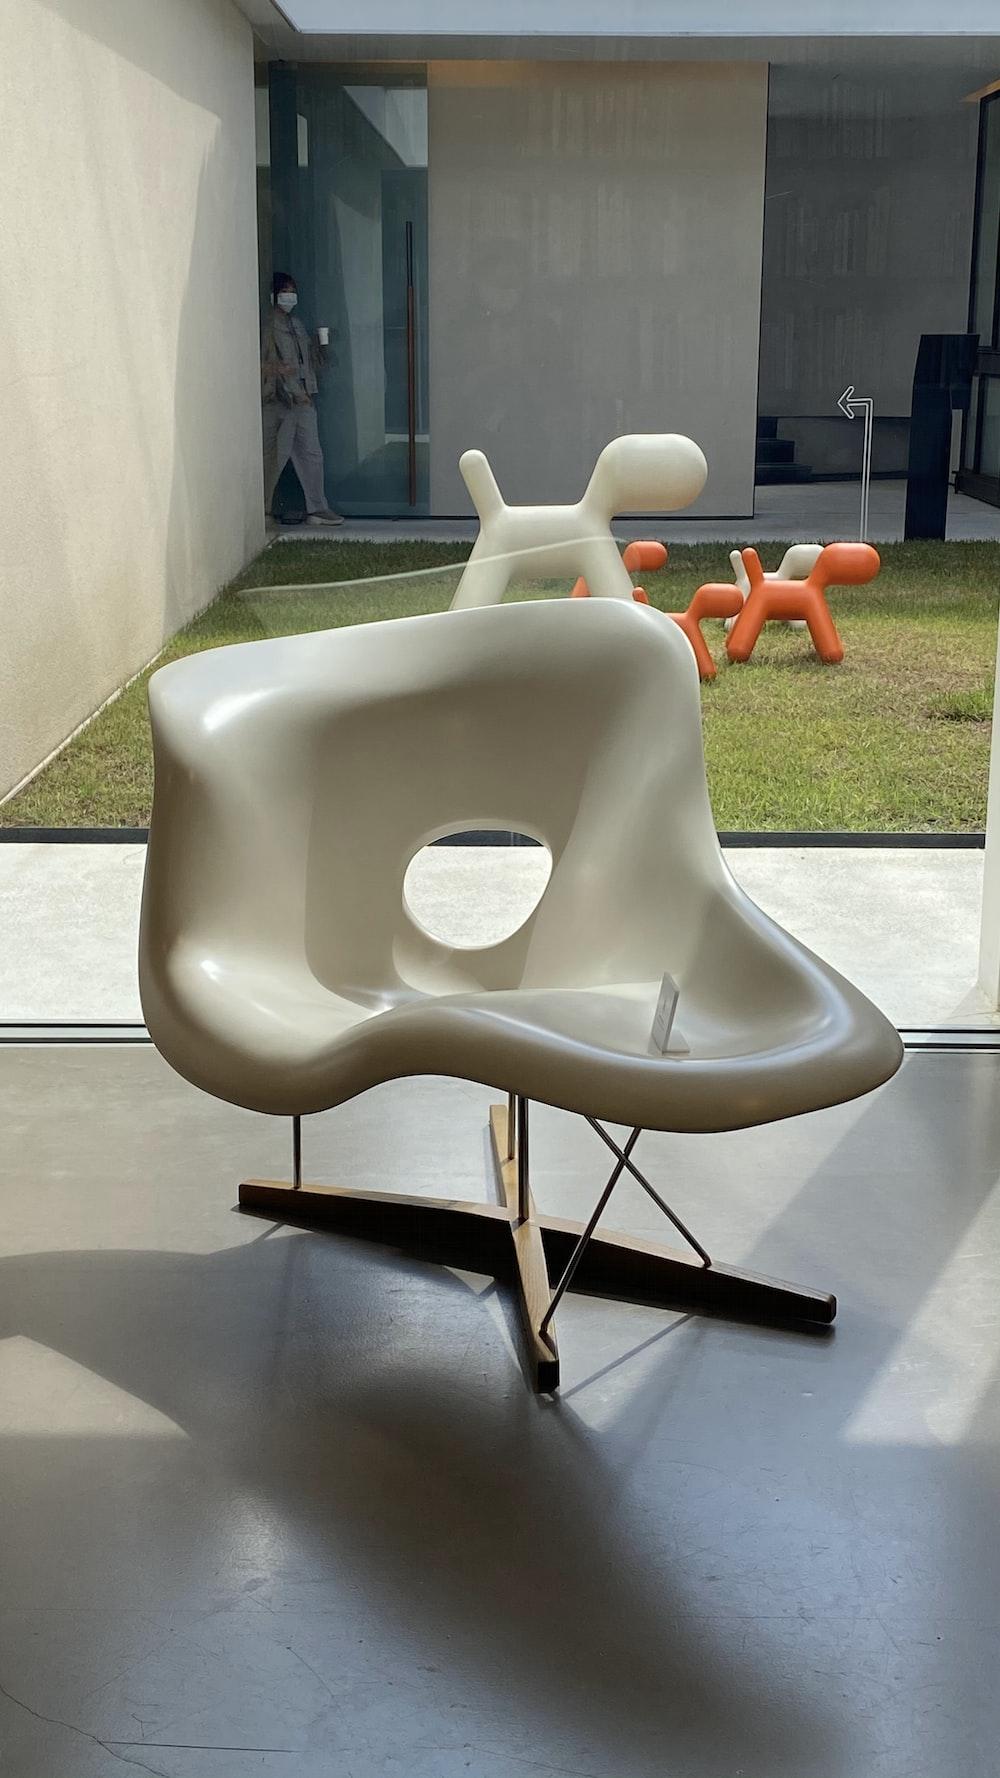 white plastic armchair on gray concrete floor